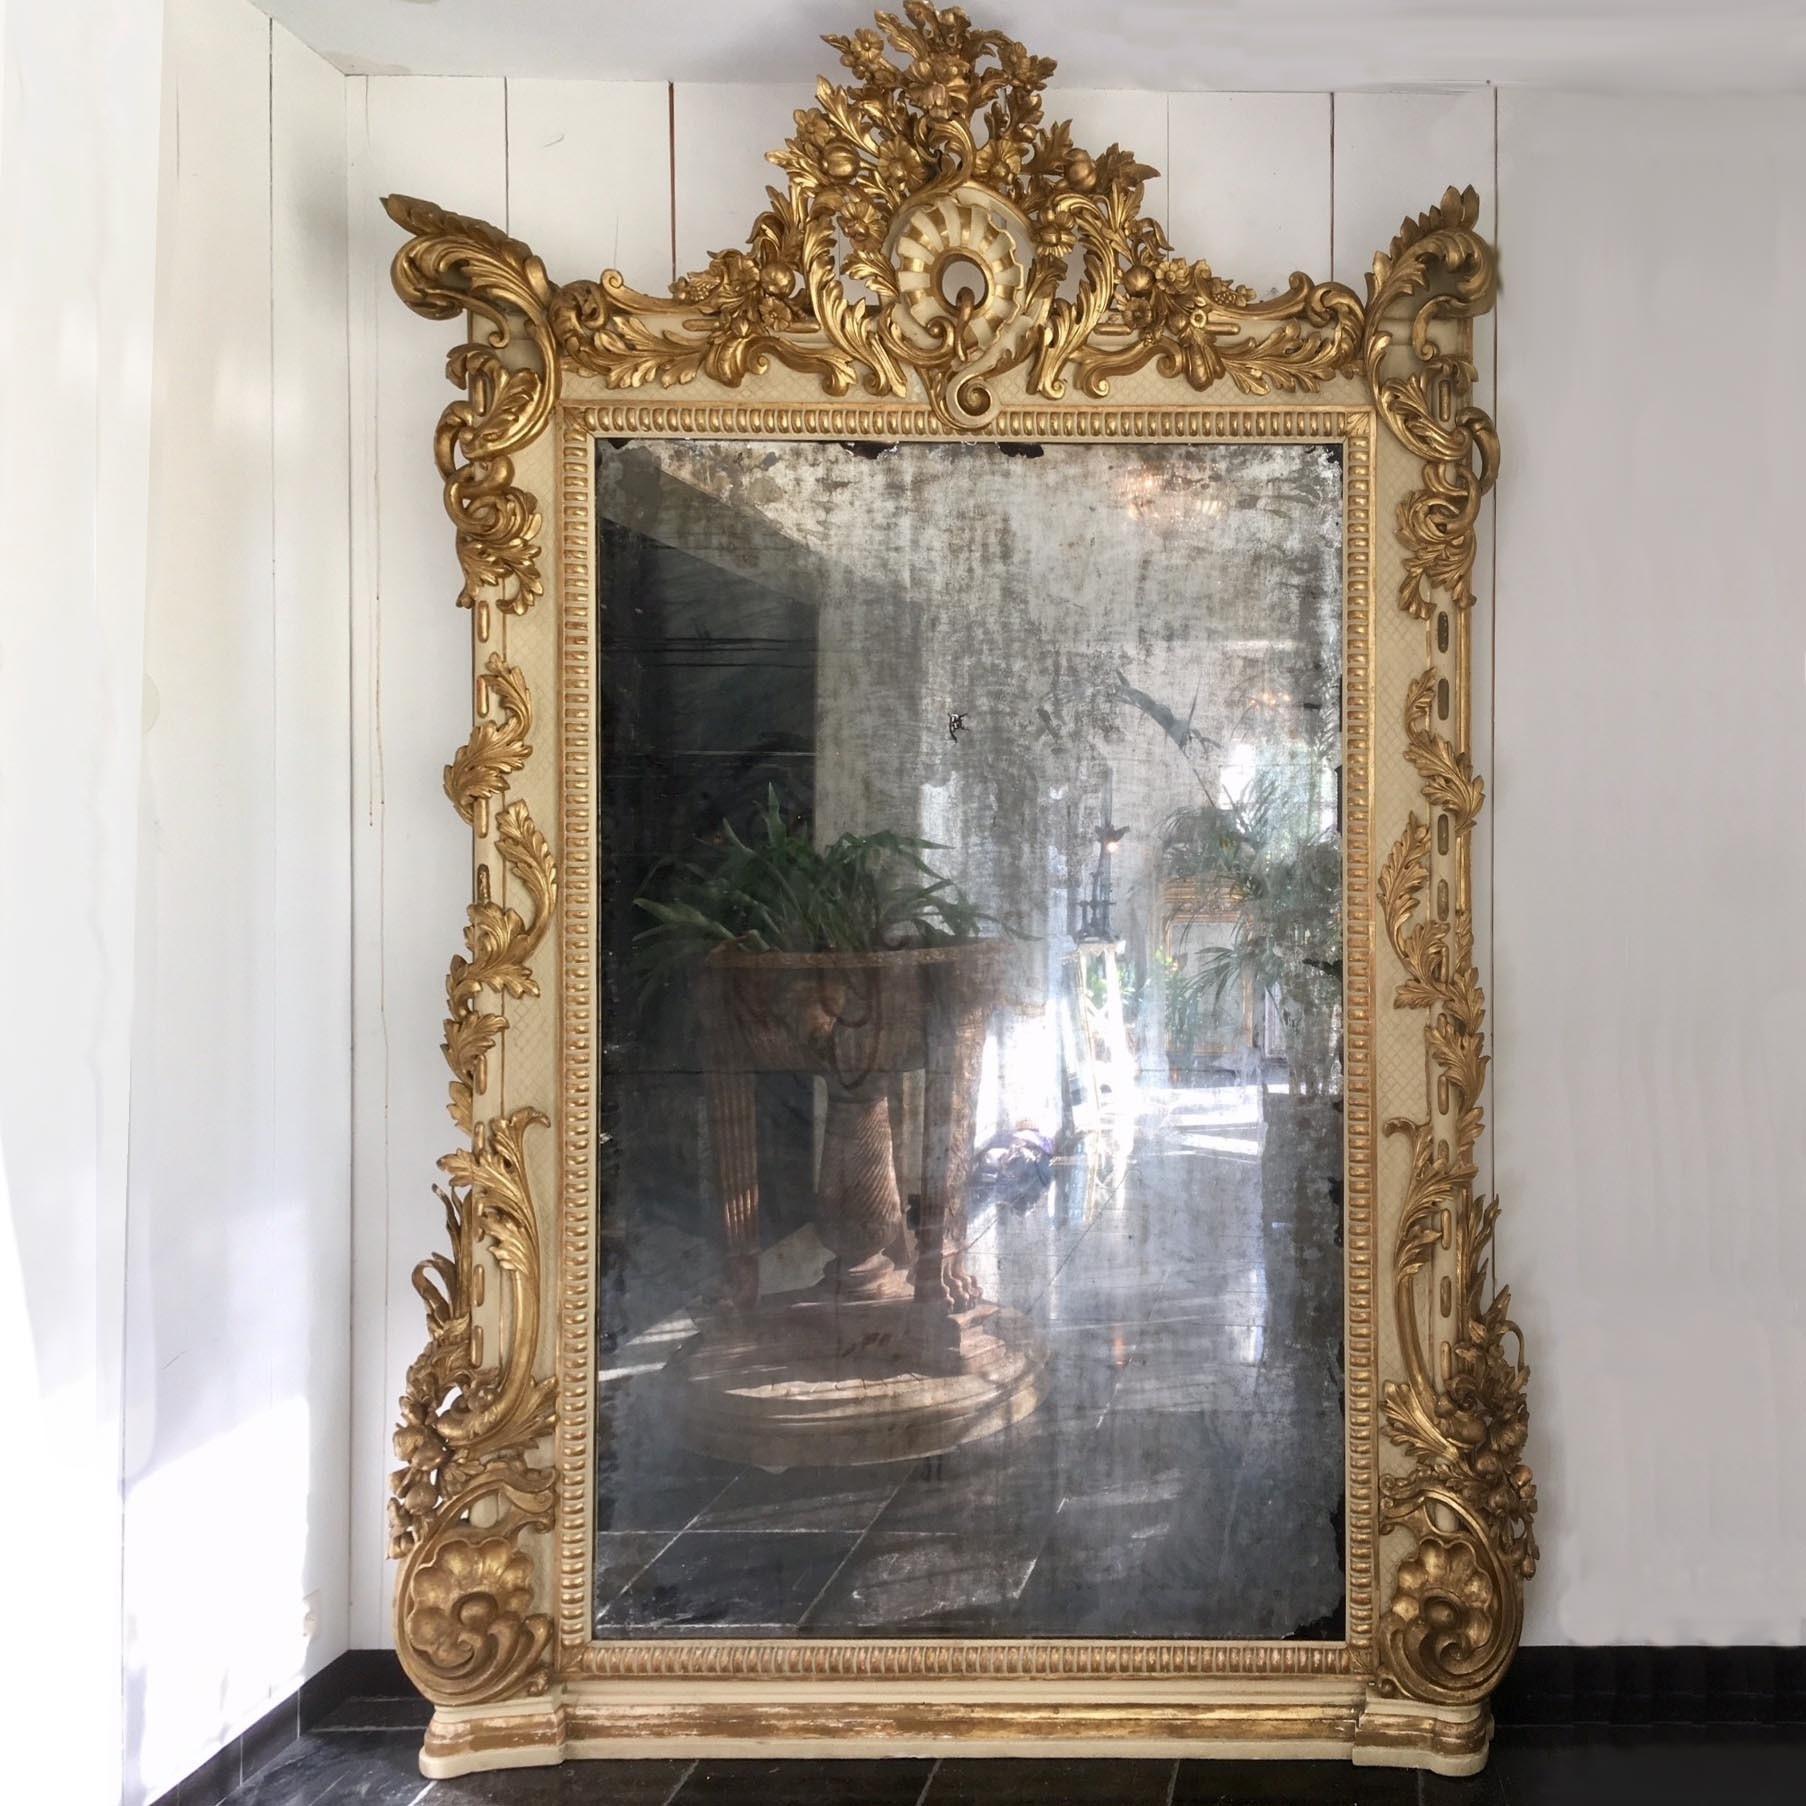 Zeer grote antieke spiegel met vergulde lijst